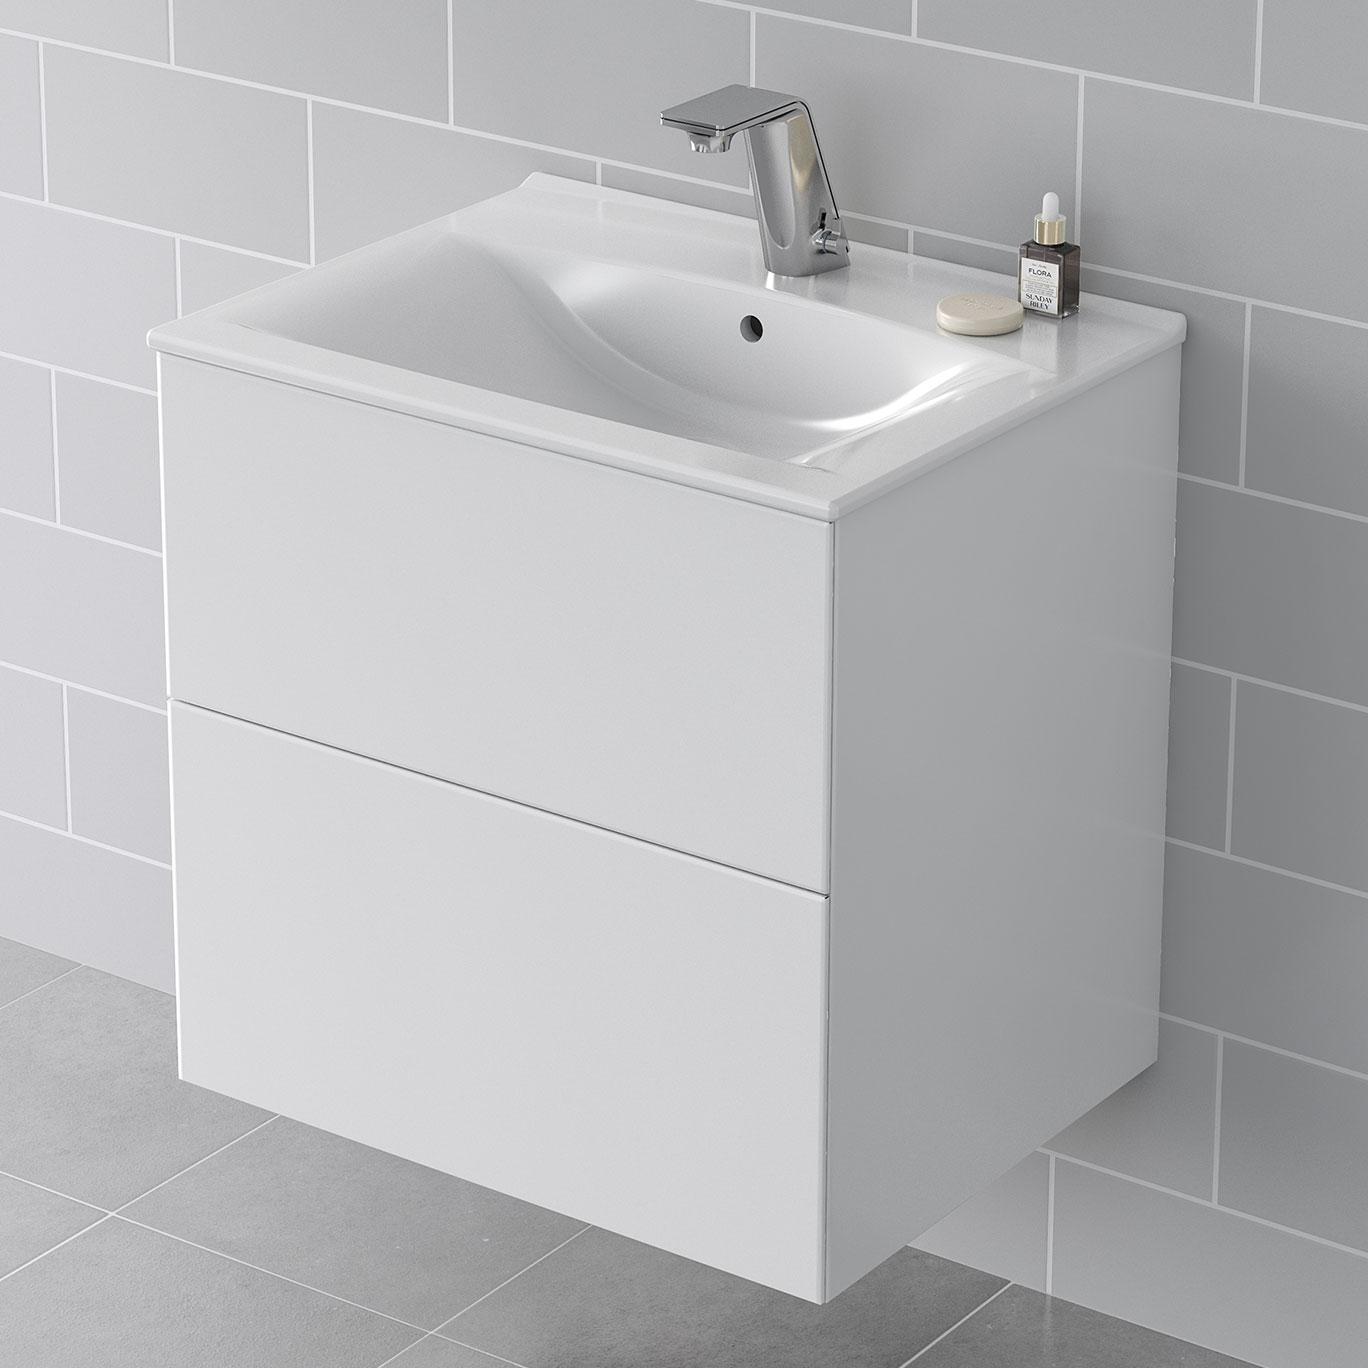 Tvättställ IDO Elegant 16402 60 cm